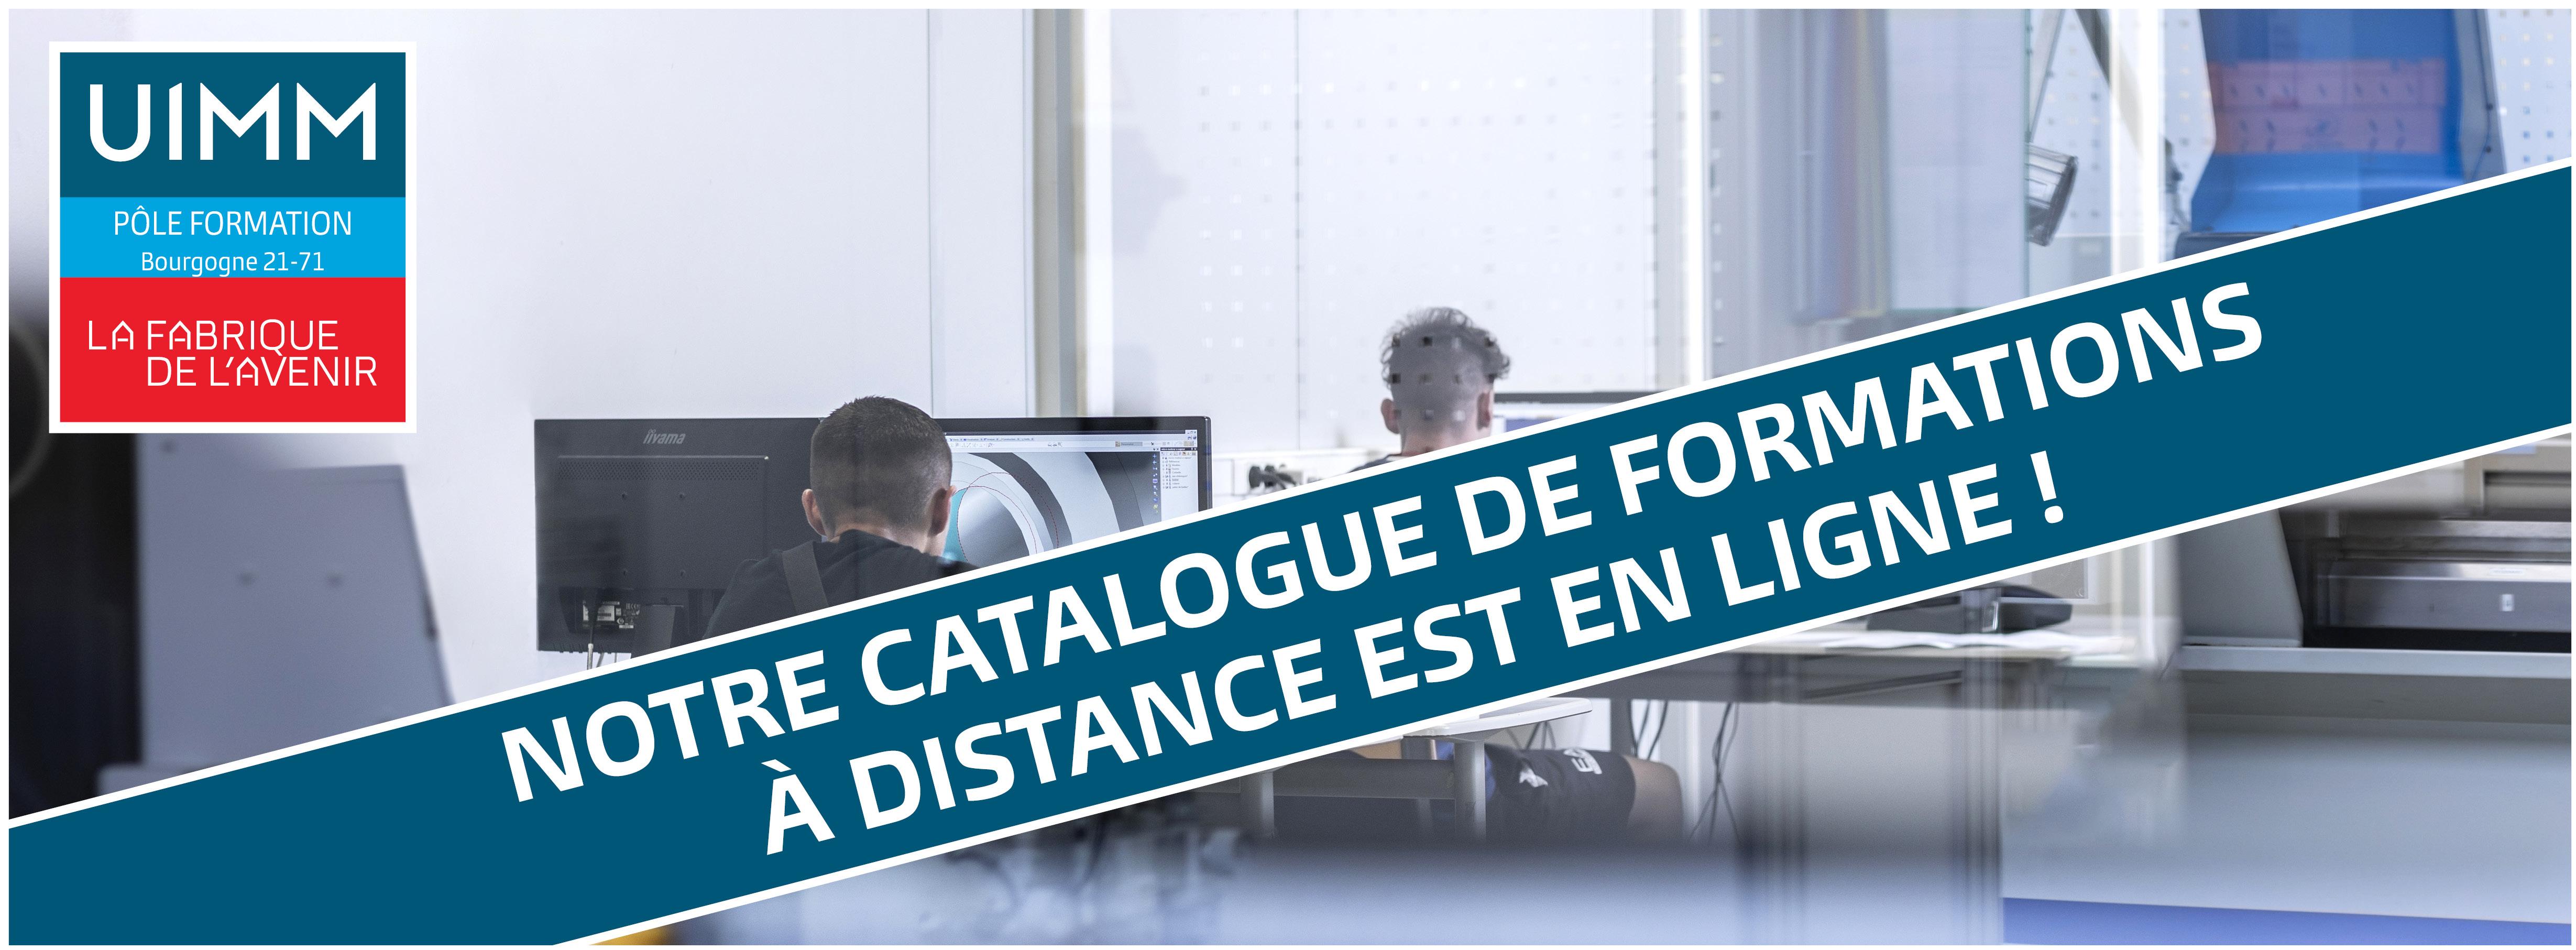 Bandeau Site catalogue a distance